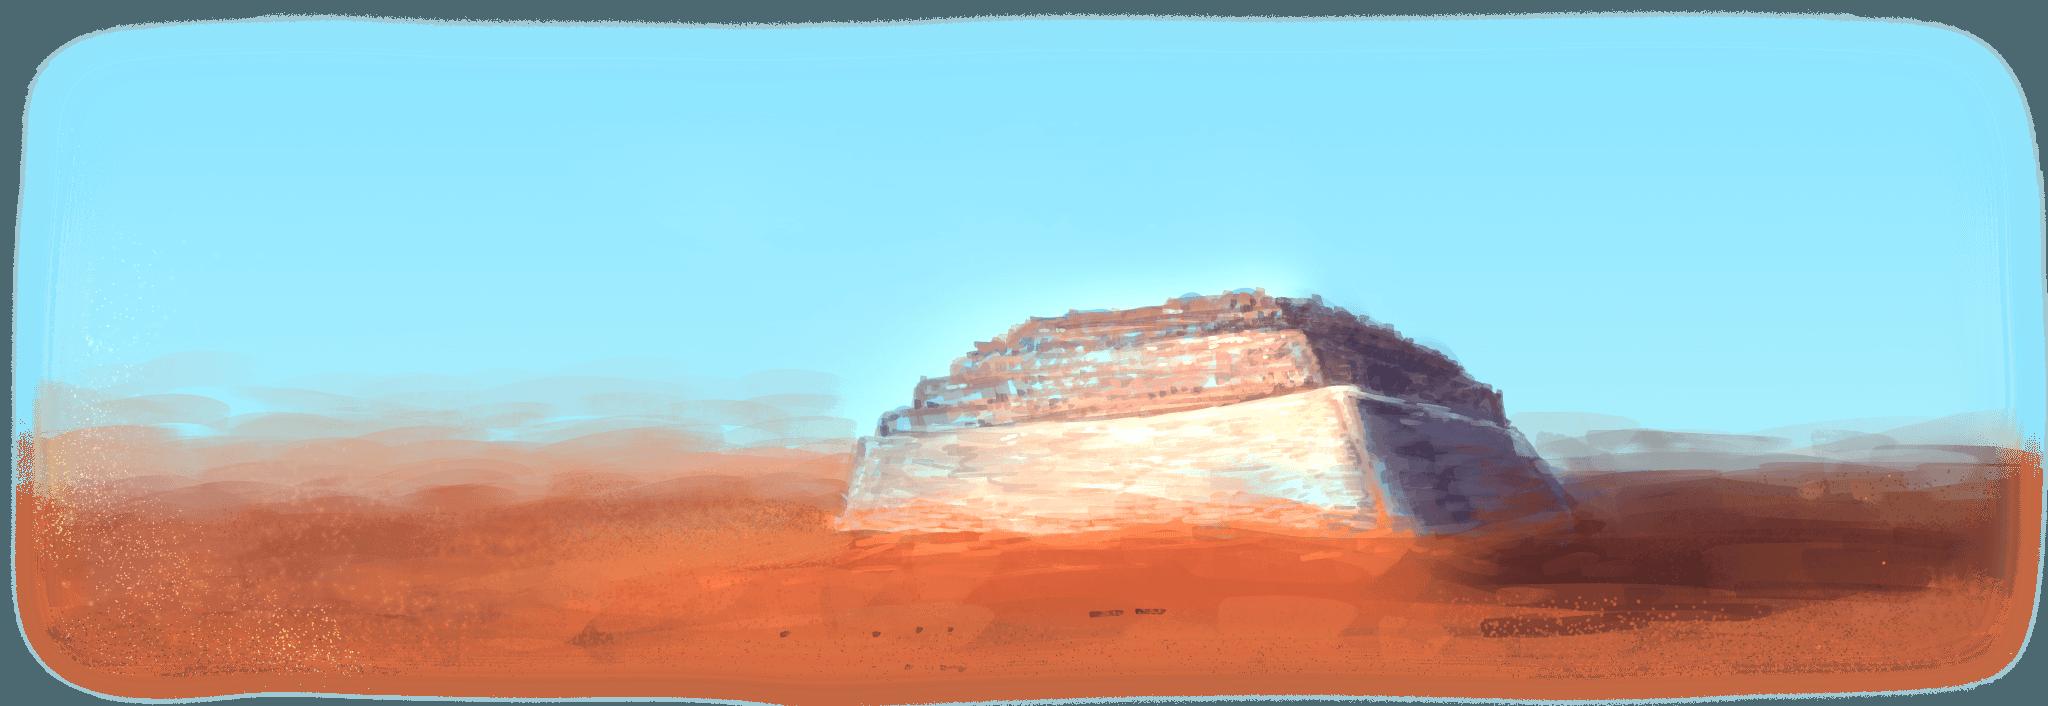 Bild der fiktiven Wüstenstadt aus